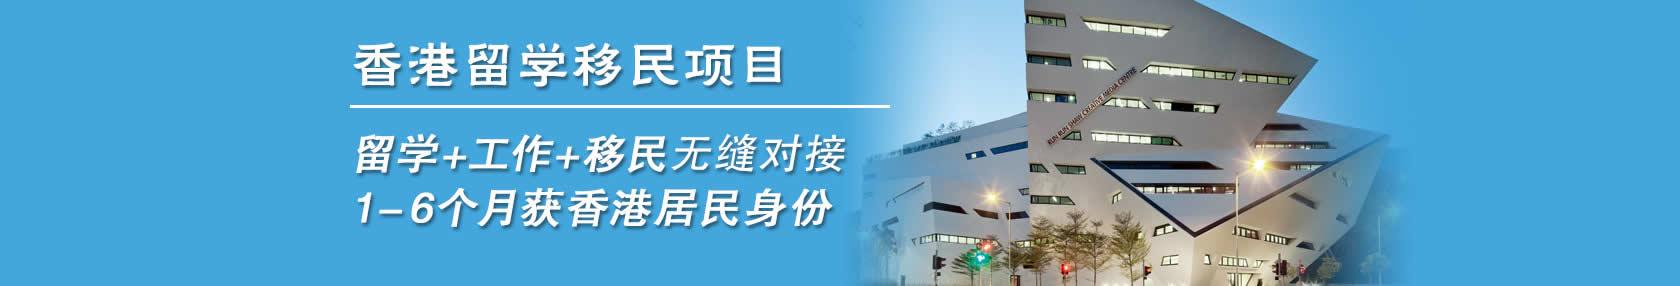 香港留学申请条件宽松,无年龄、无体检、无身份要求,一个重新上名校的机会